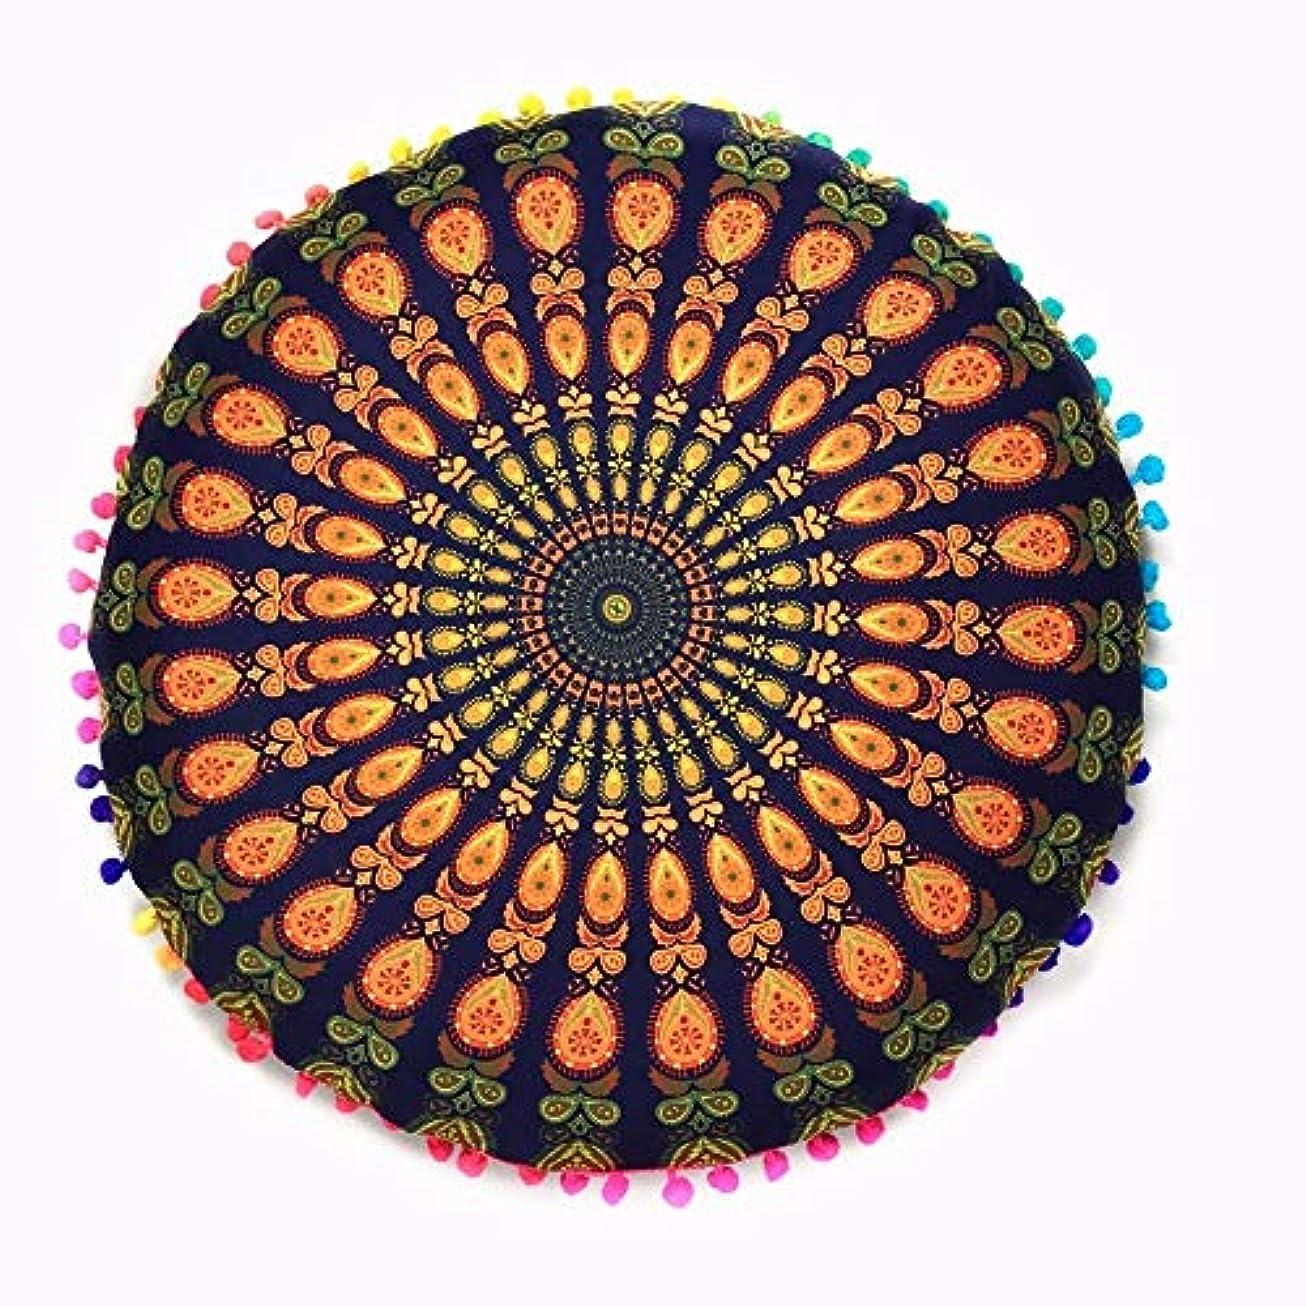 ベッド神煩わしいLIFE 2017 カラフルな曼荼羅床枕オットマンラウンドボヘミアン瞑想クッション枕プーフ クッション 椅子